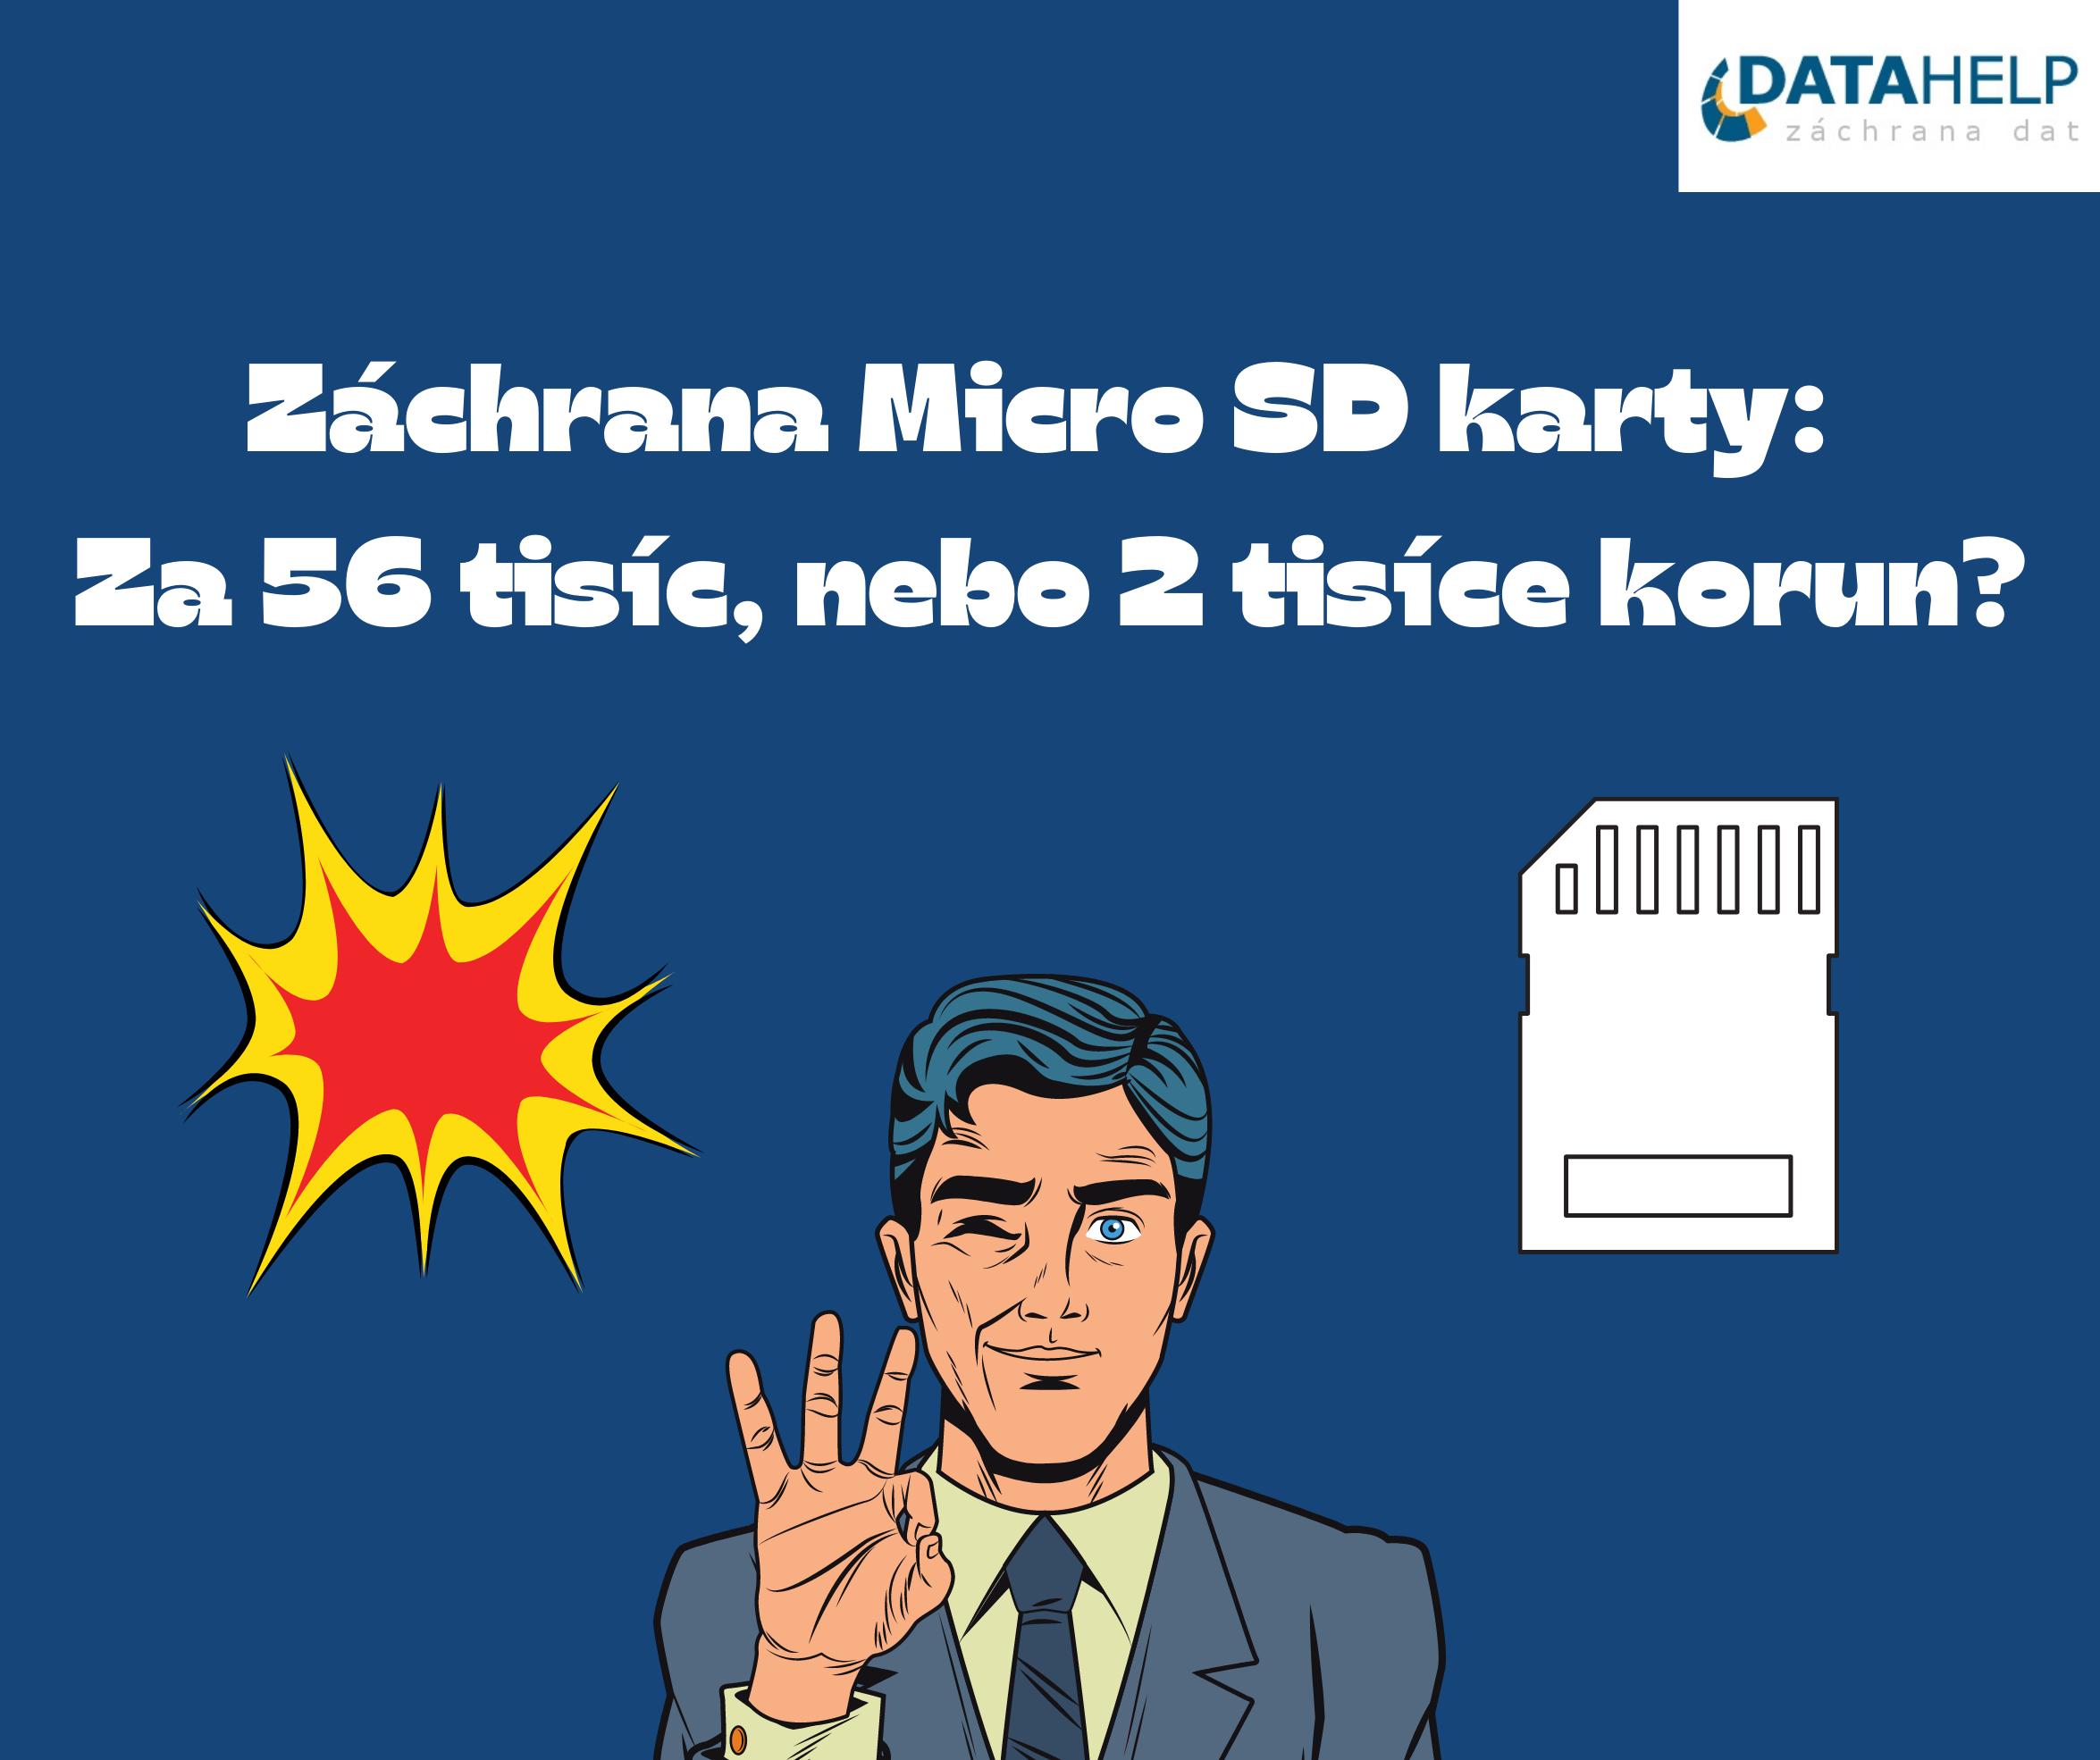 Záchrana Micro SD karty: Za 56 tisíc, nebo 2 tisíce korun?